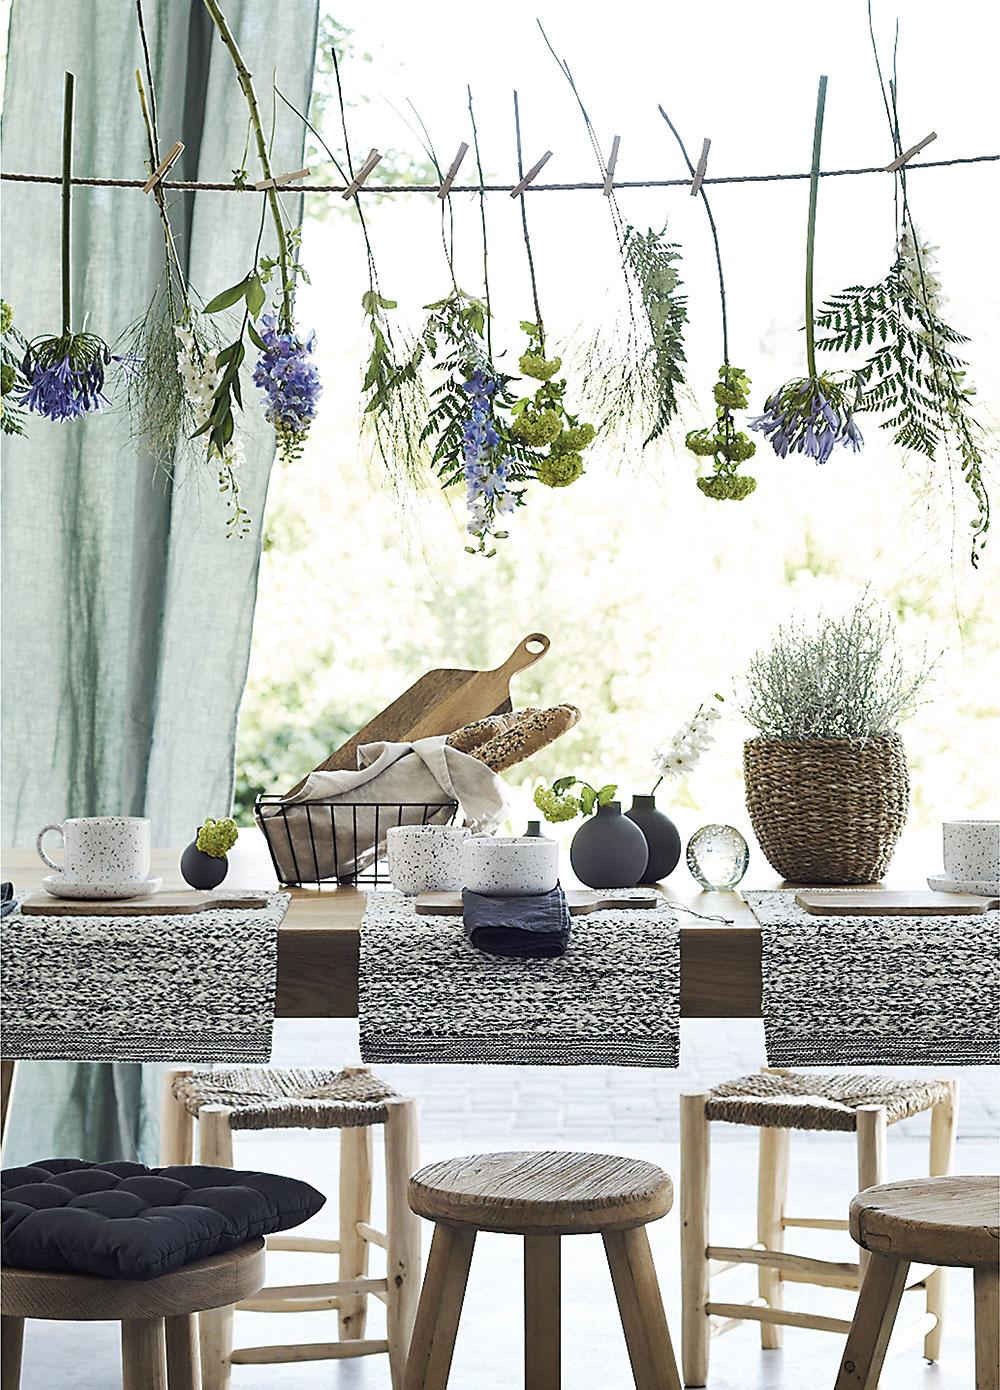 Kvetiny nad hlavou. Vidiecky štýl nemá varanžovaní takmer žiadne pravidlá, napríklad, stačí natrhať pár kvetov zo záhrady aprištipcovať ich na špagát. Možno použiť aj tradičné bylinky.